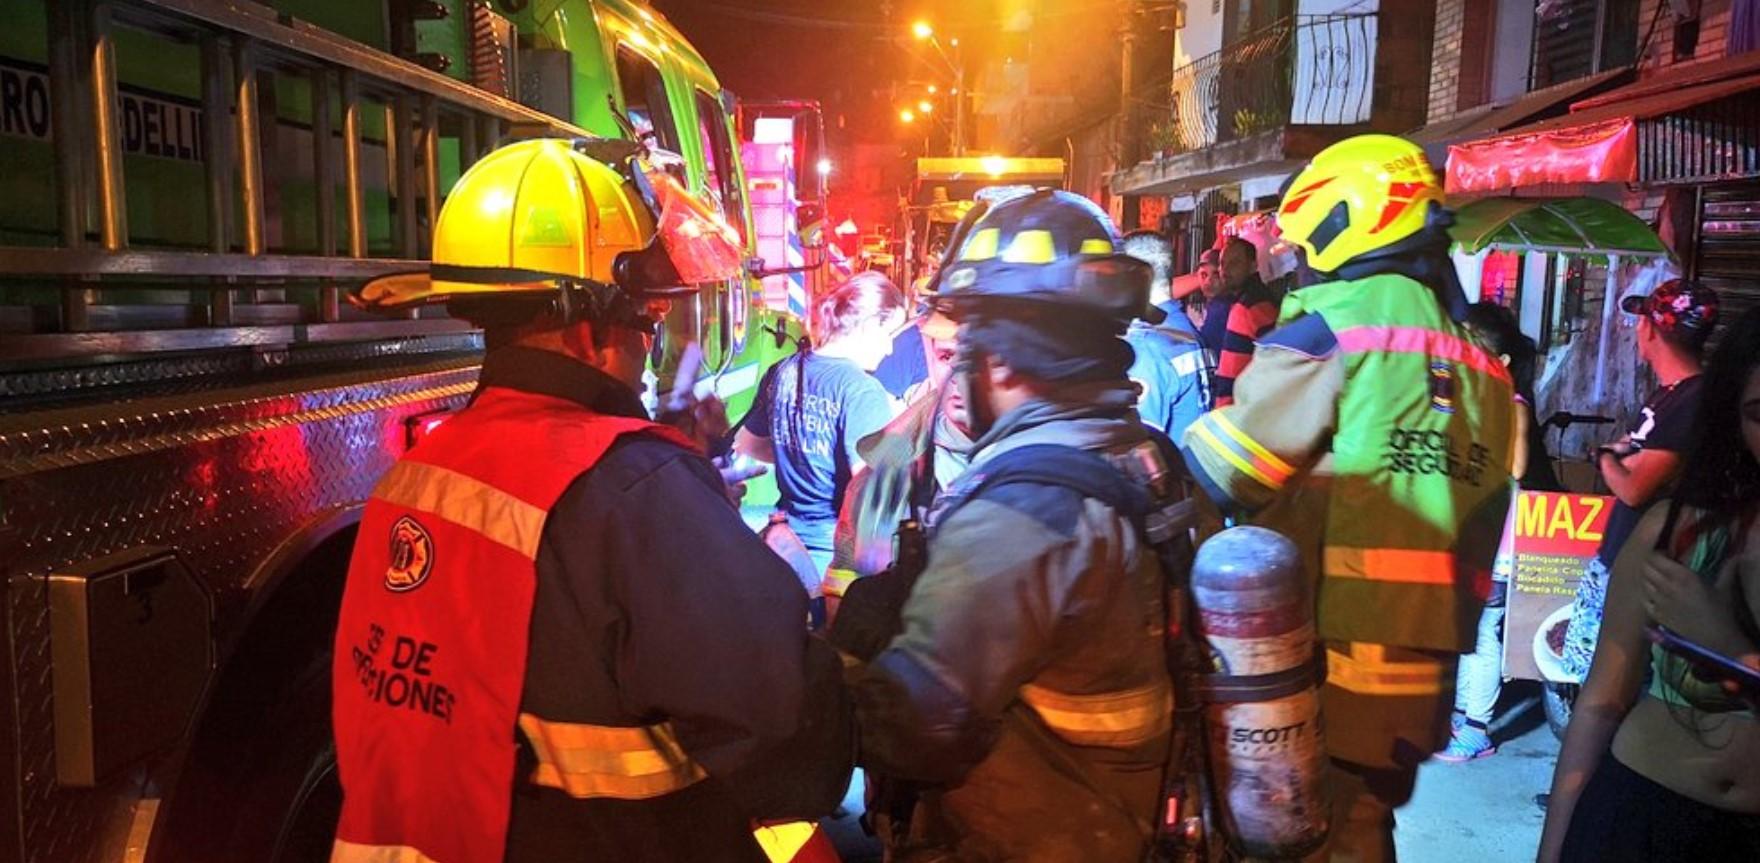 9 personas lesionadas dejó incendio en Altavista